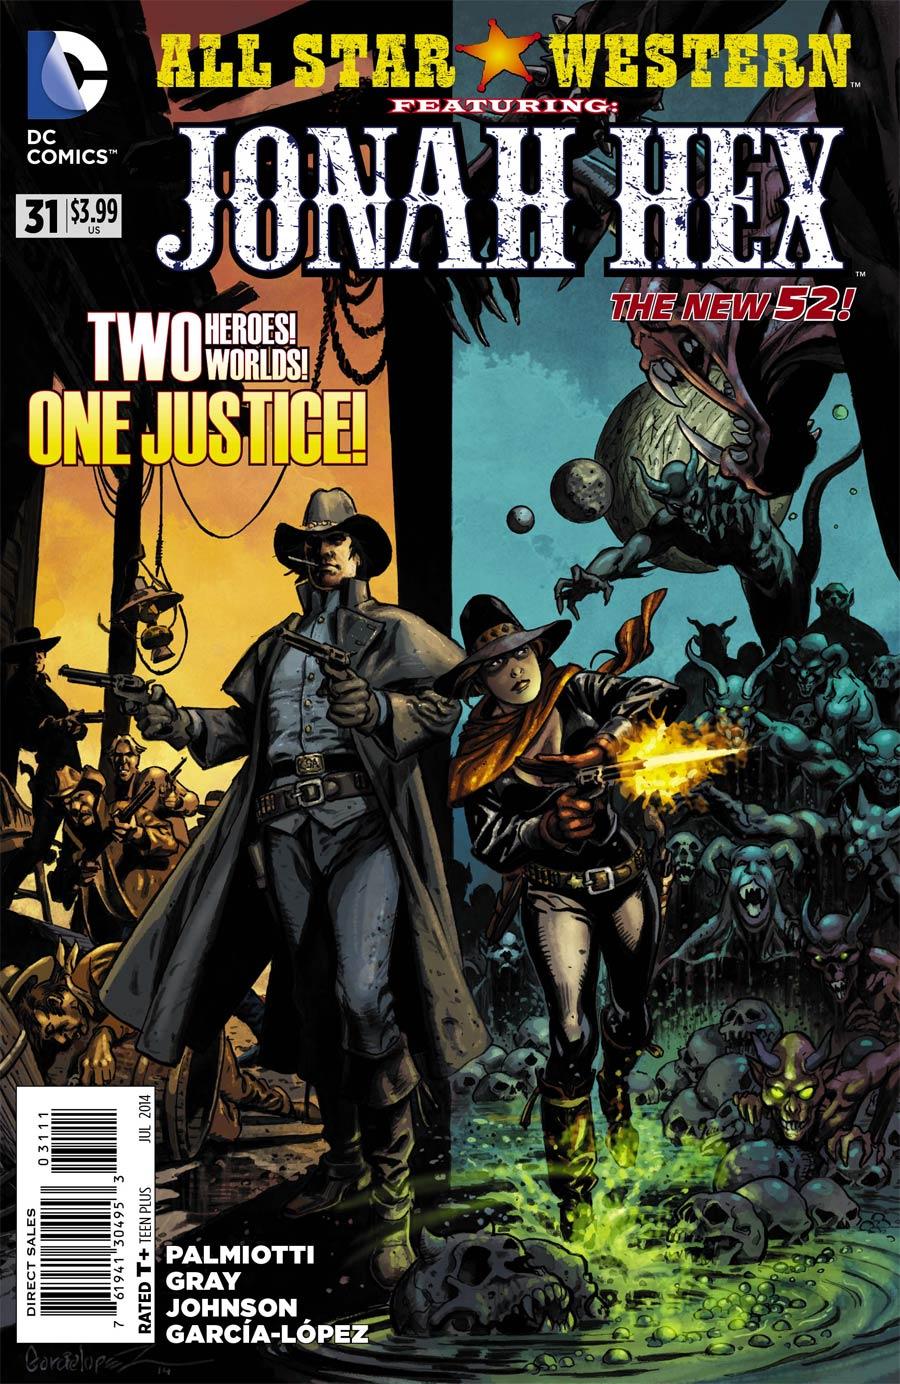 All Star Western Vol 3 #31